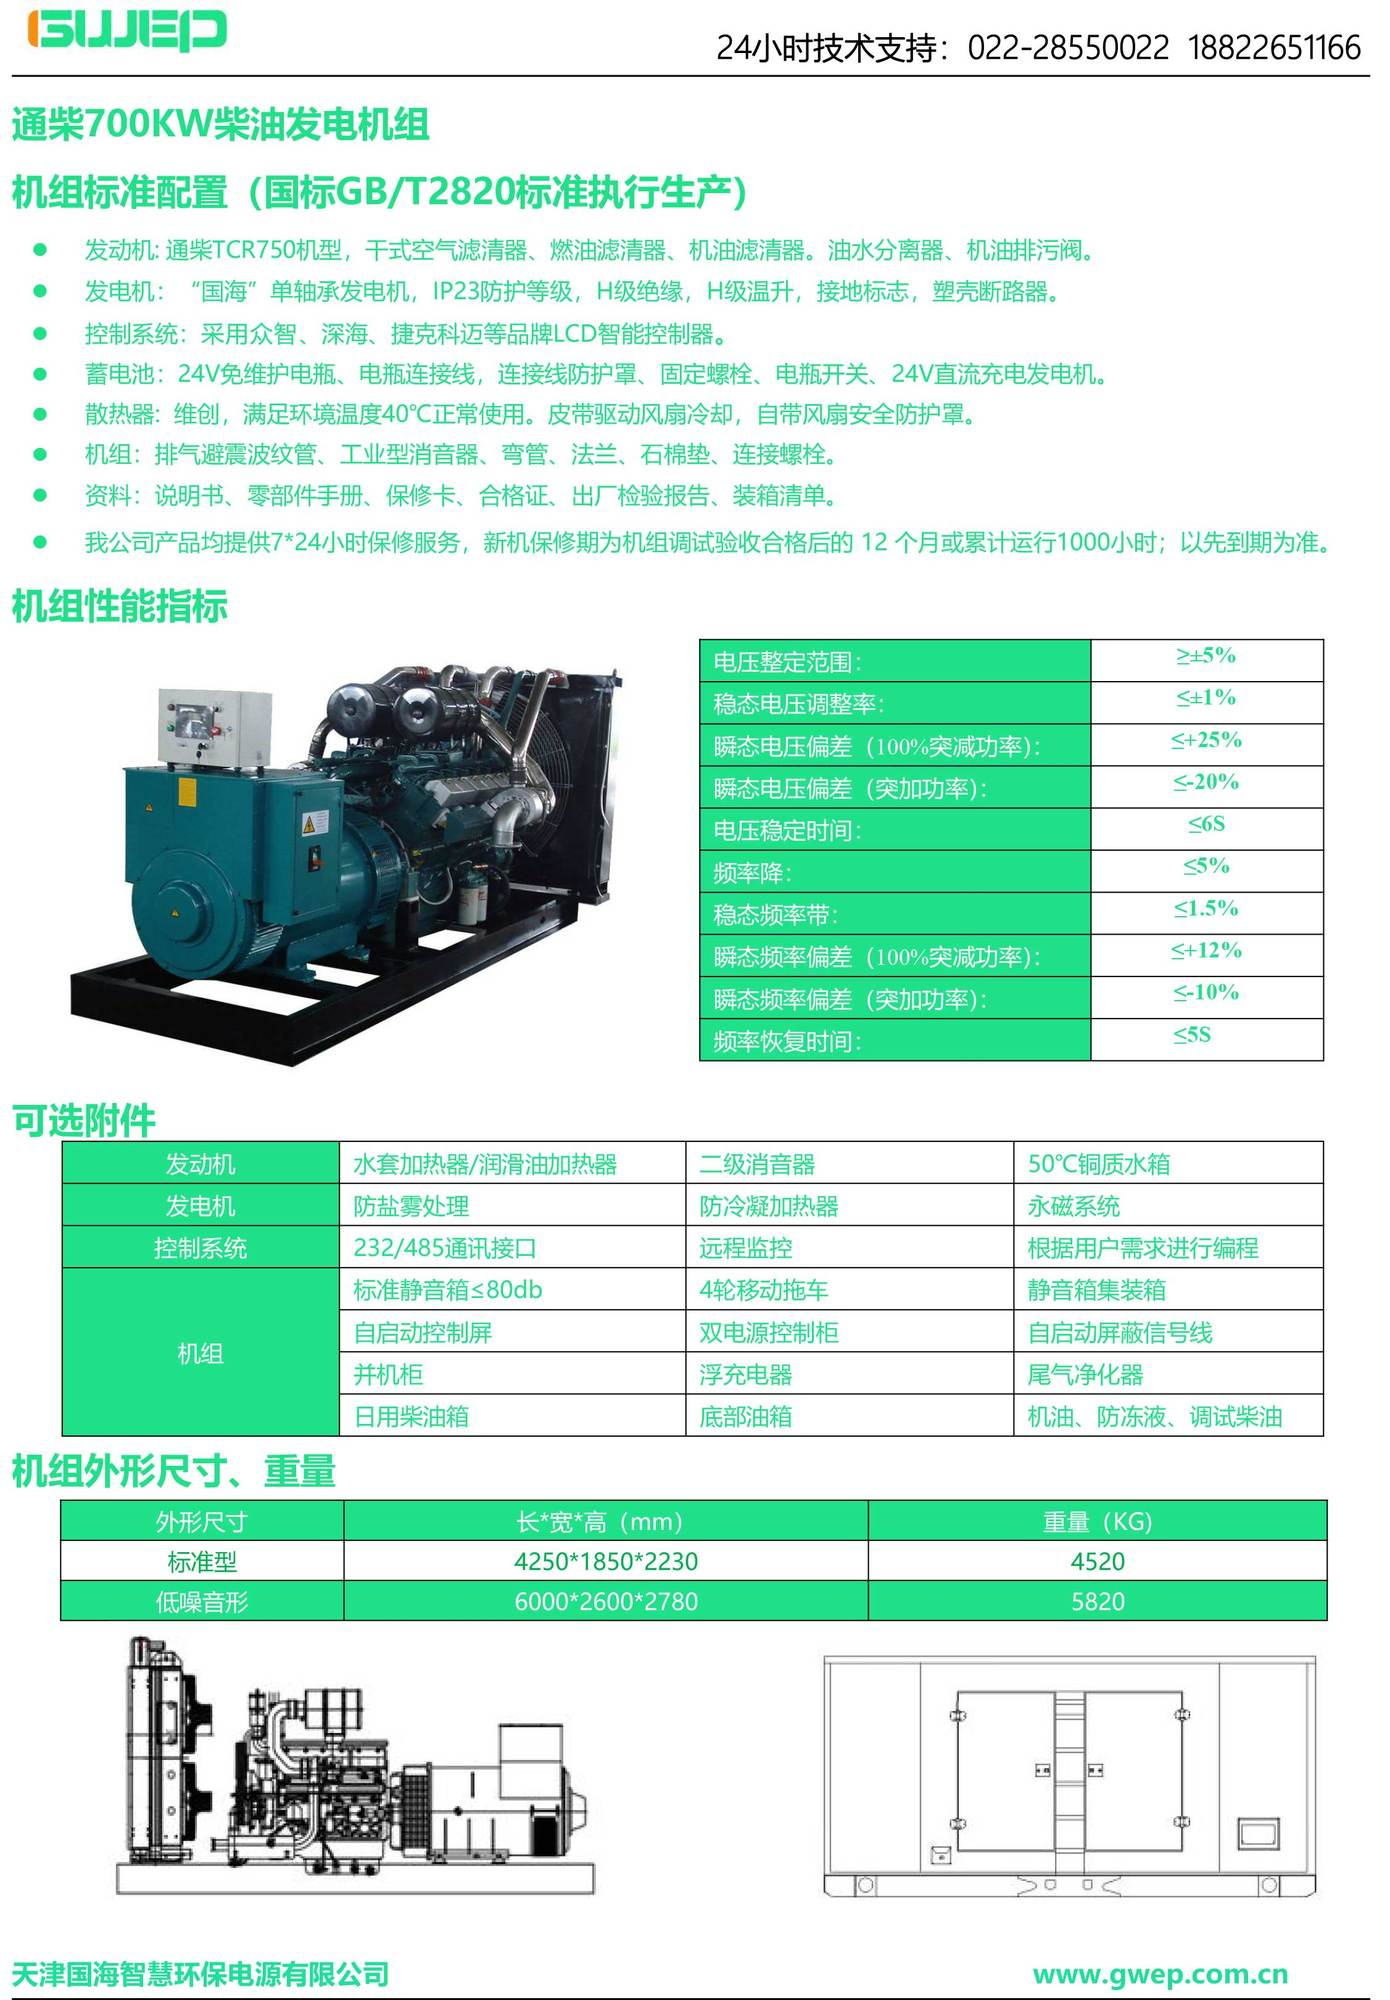 通柴700KW发电机组技术资料-1.jpg